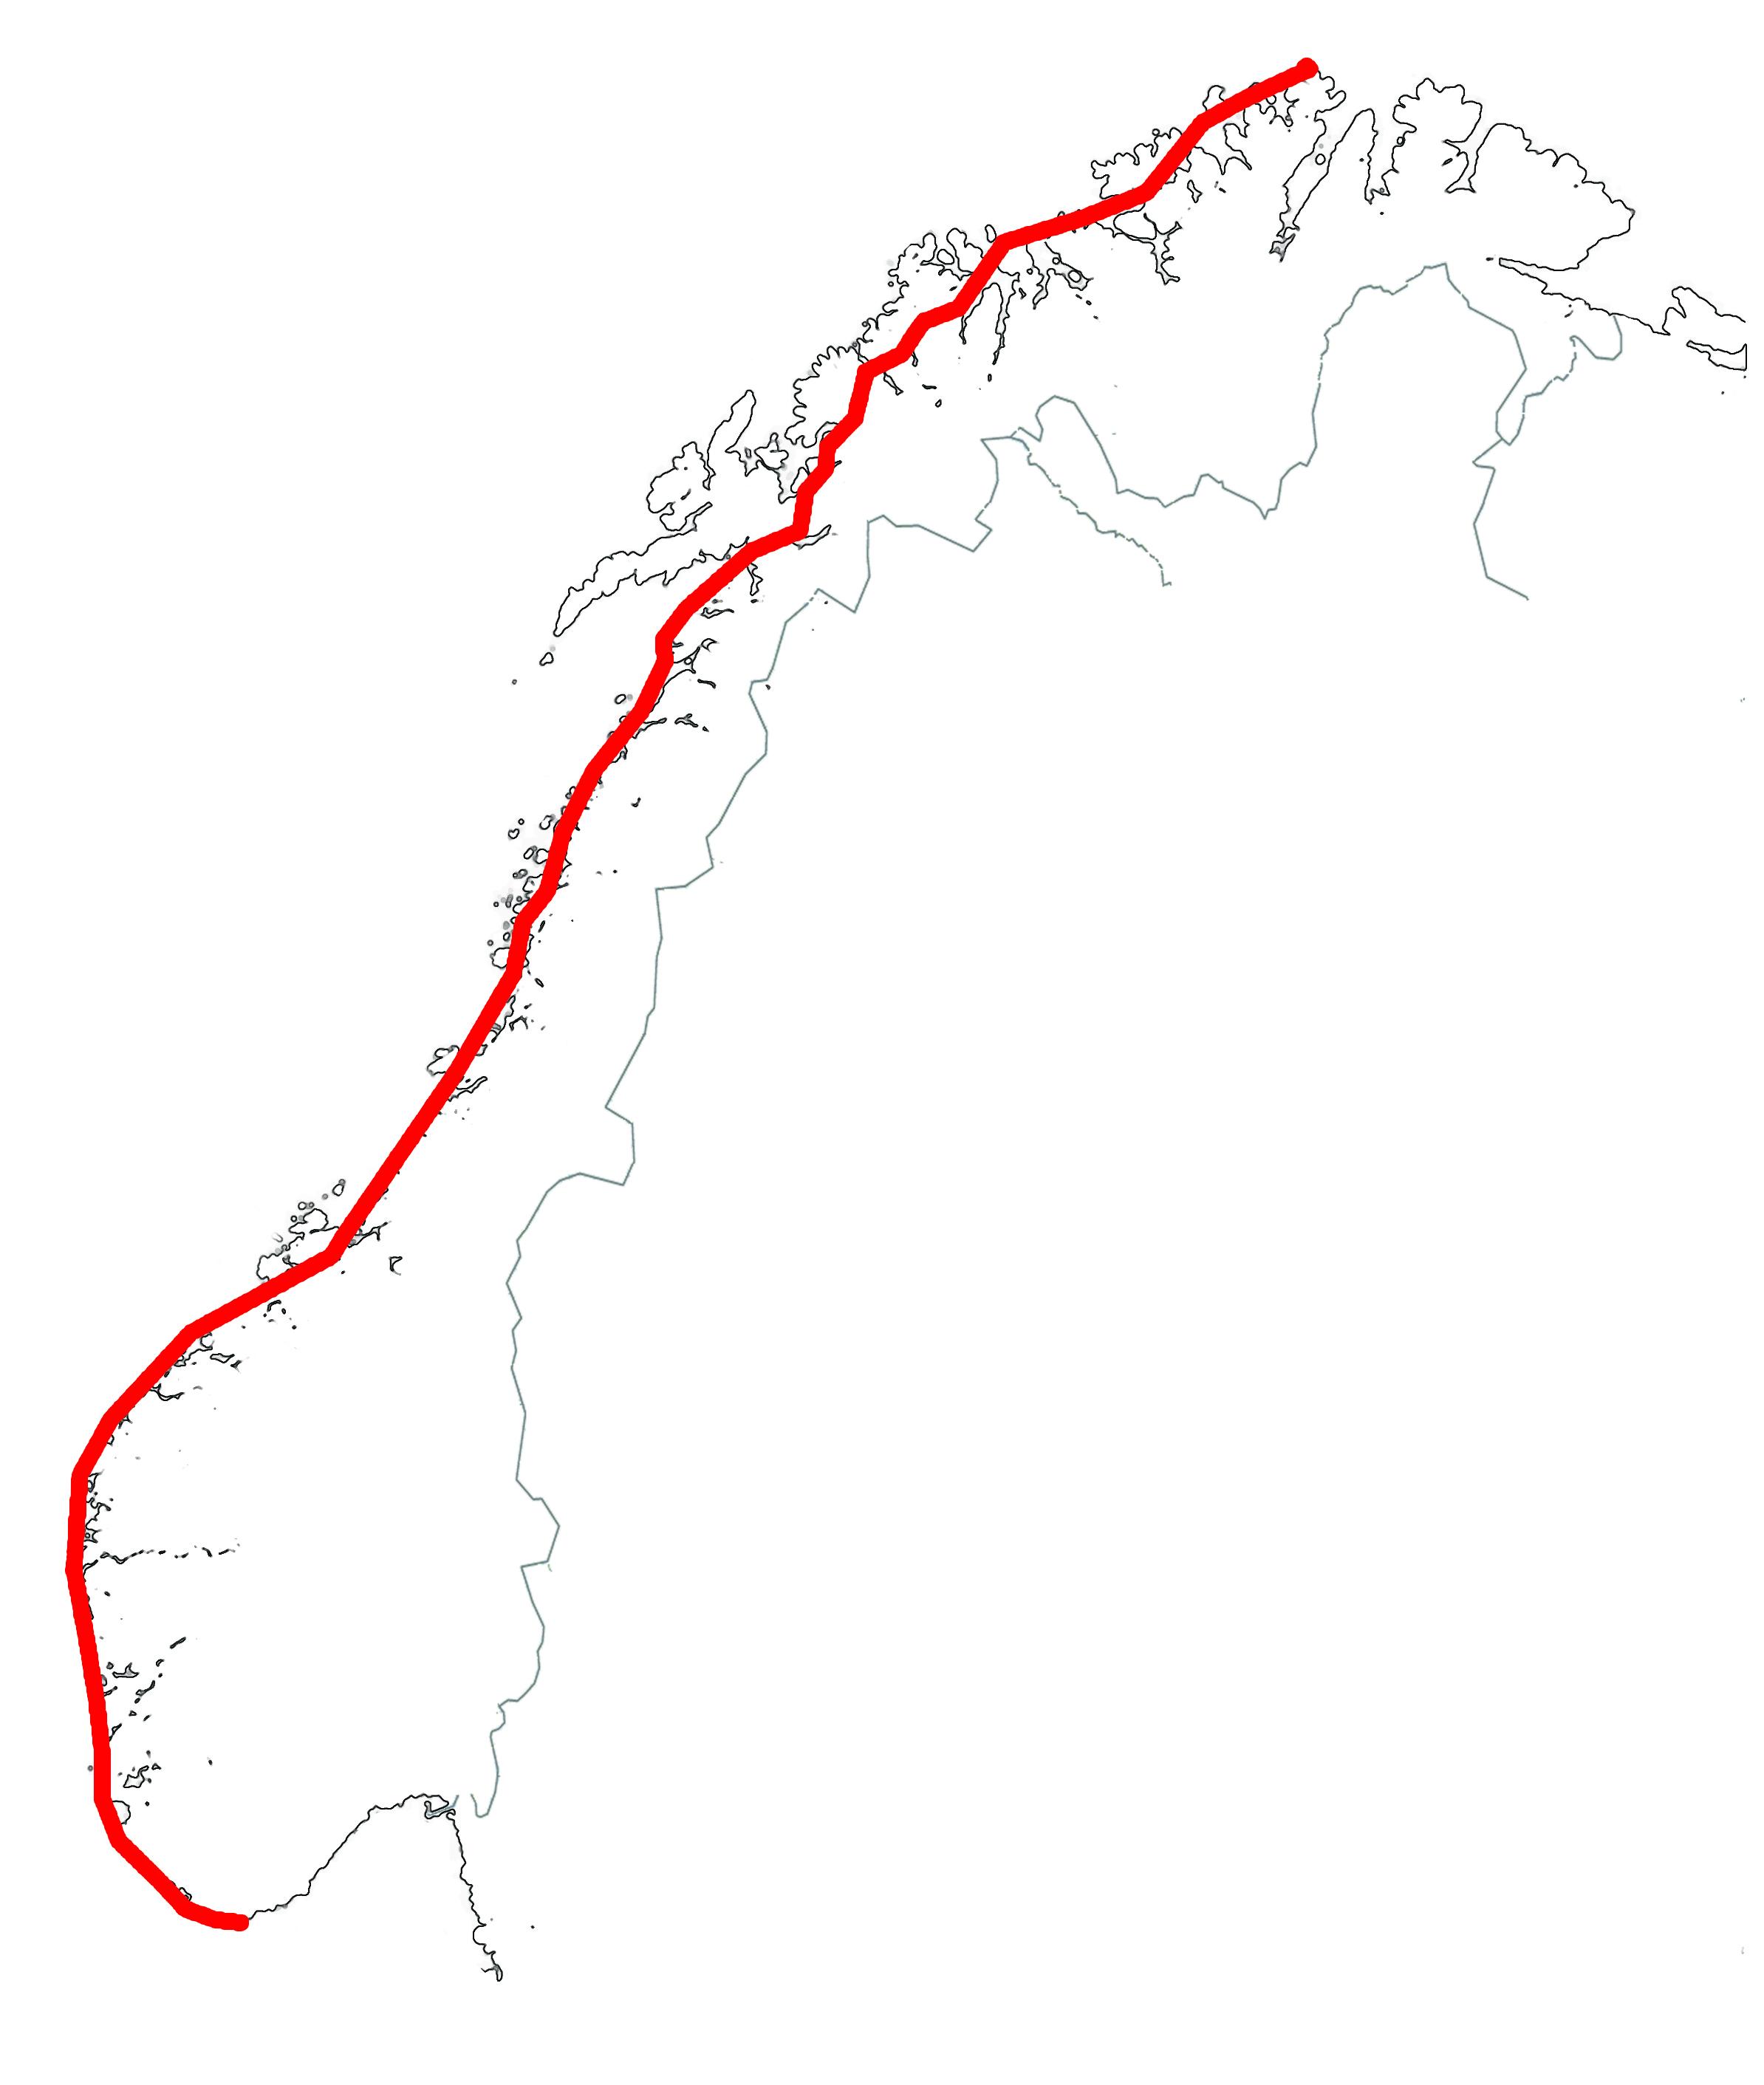 norskekysten kart En episk reise | Rodegned / Nordkapp – Lindesnes 2011 norskekysten kart